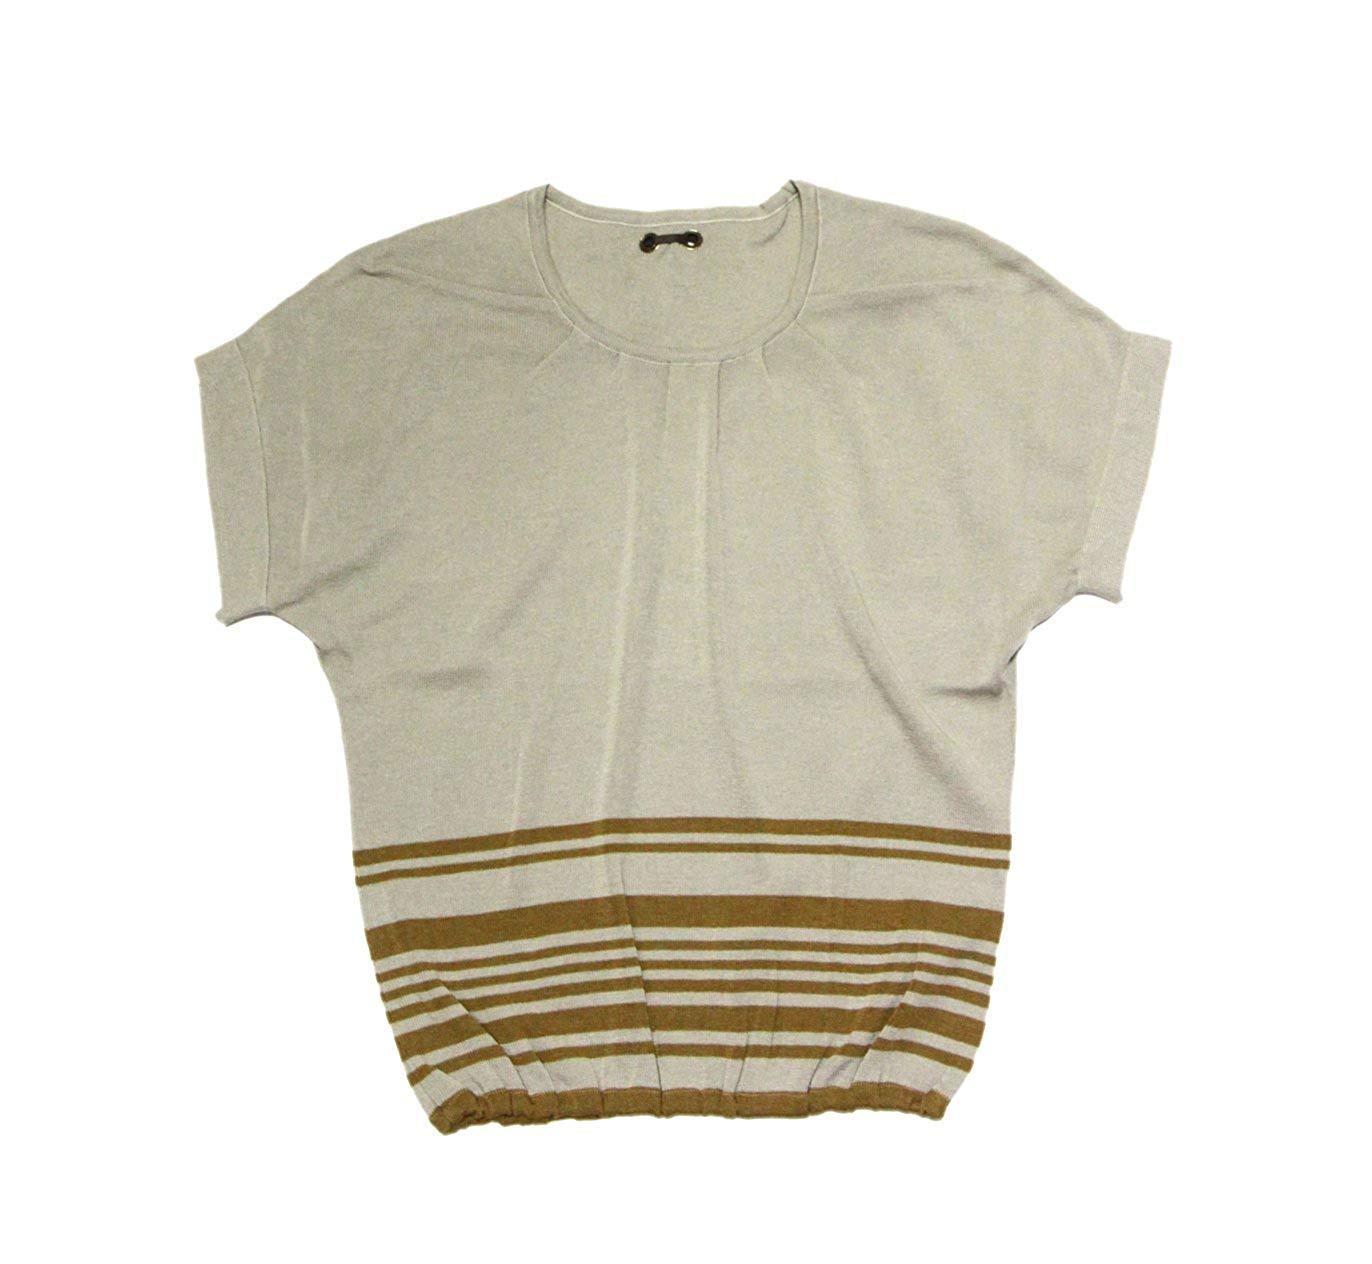 ☆選べるレディース服3点福袋対象商品☆おでかけニット♪14Gタックラインセーター(返品・交換・ギフト包装不可)